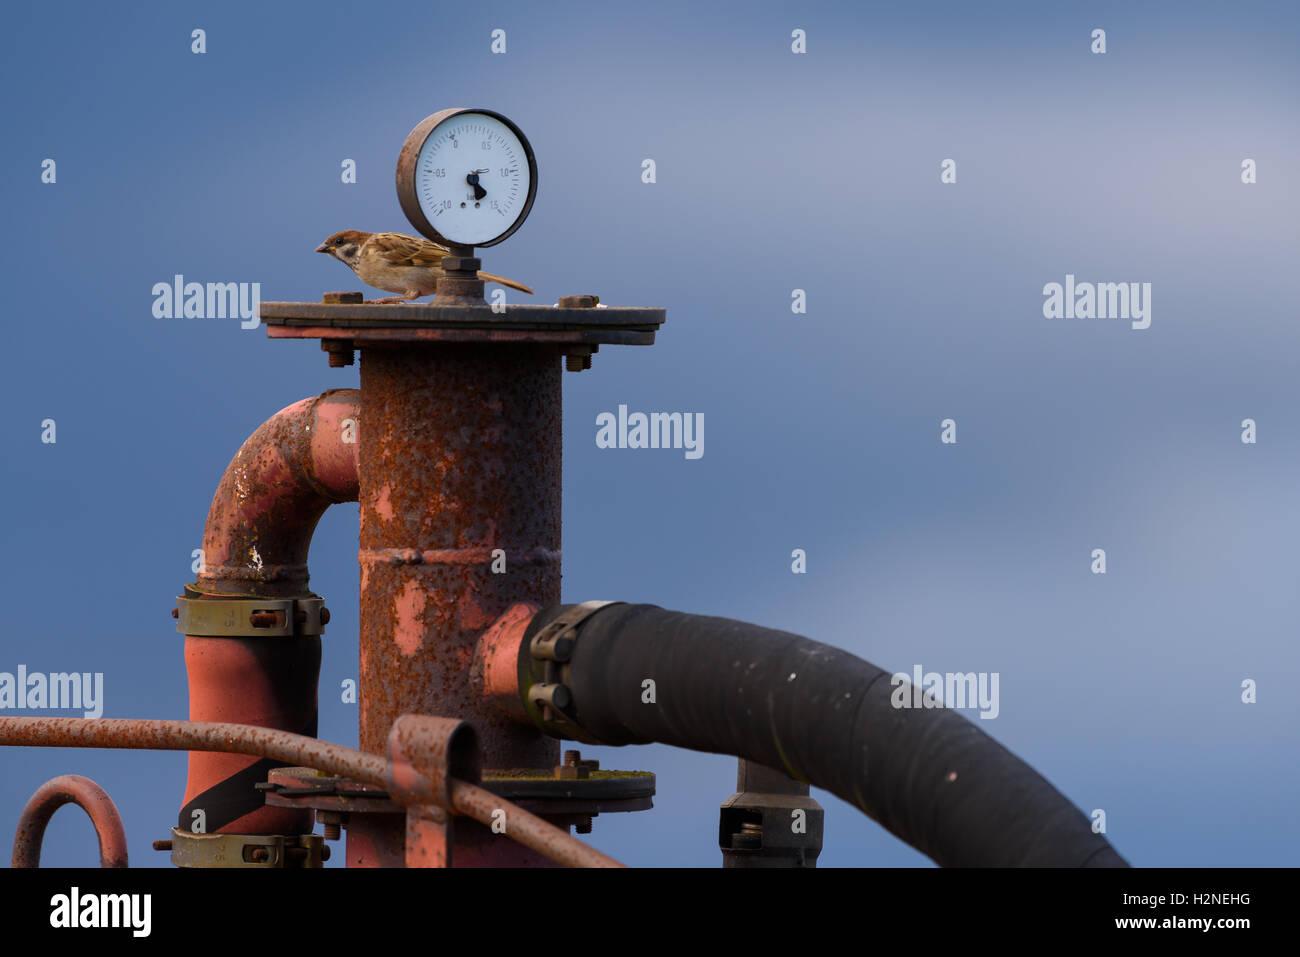 Sparrow sentado detrás de metro y en la parte superior de una vieja máquina oxidada y rojo Foto de stock